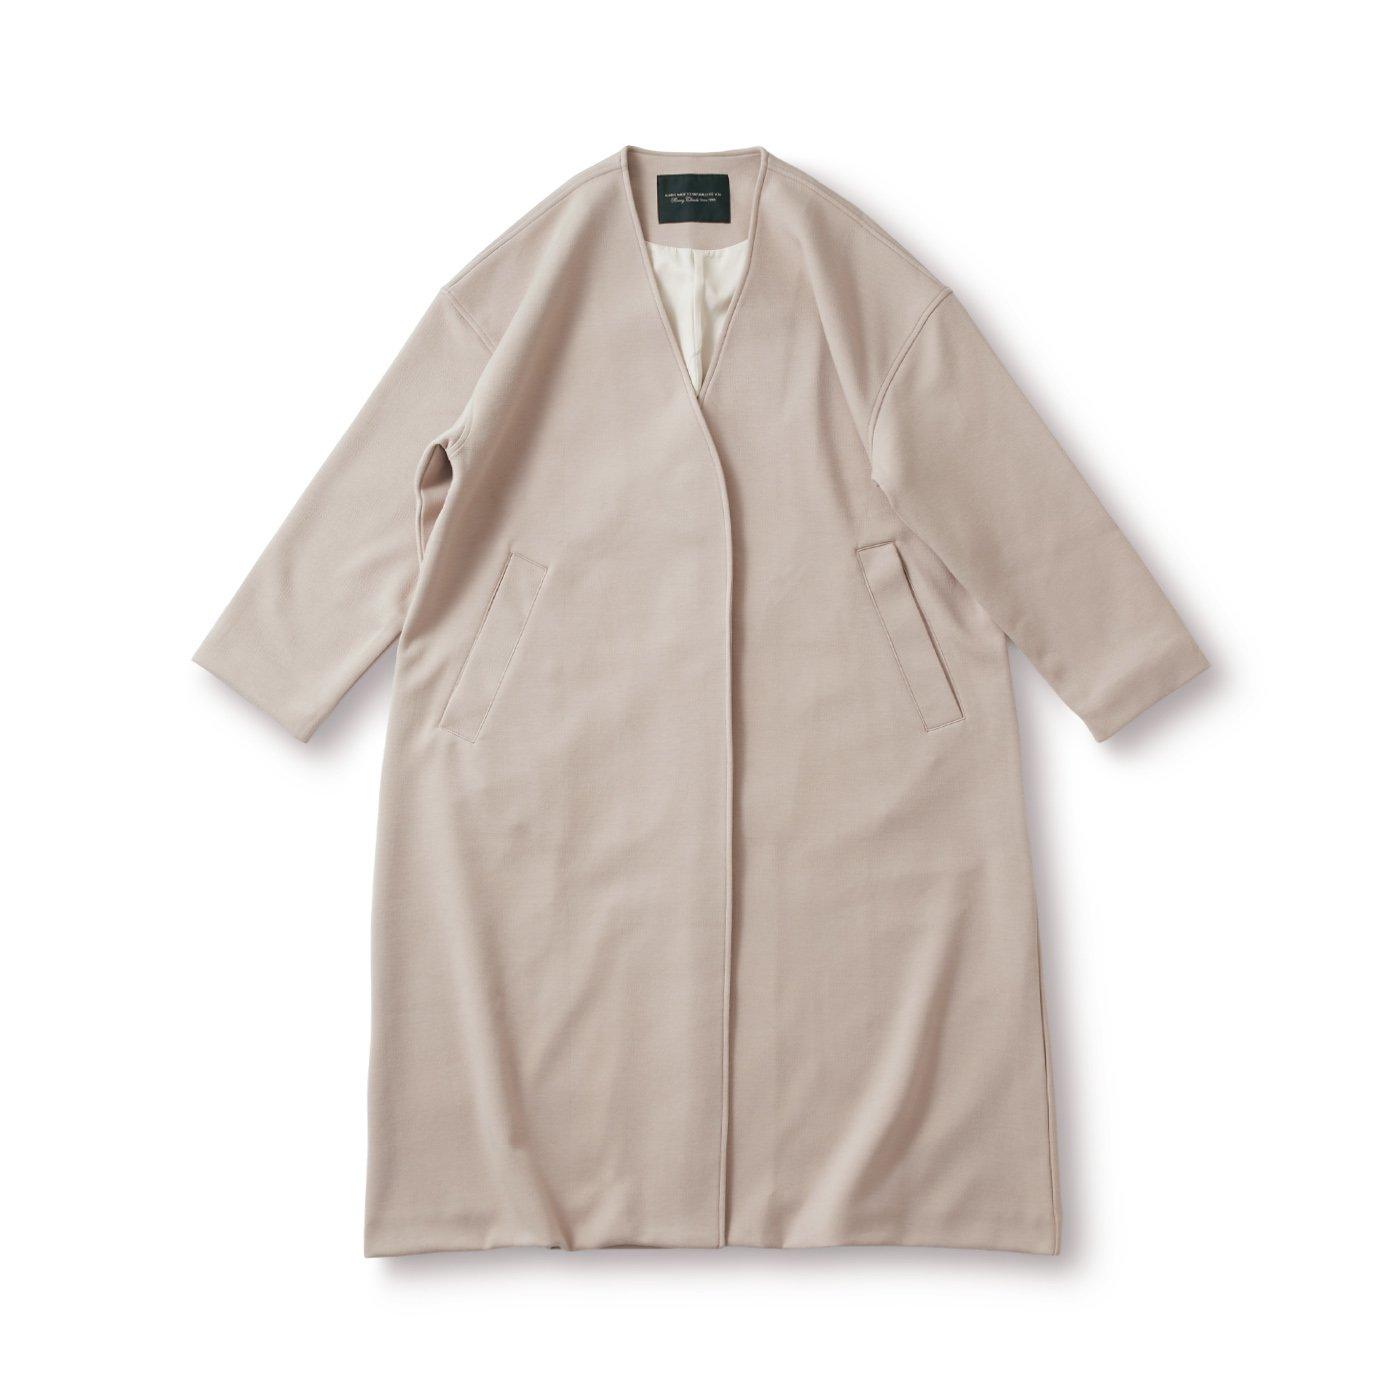 SUNNY CLOUDS 素敵なノーカラーコート〈レディース〉